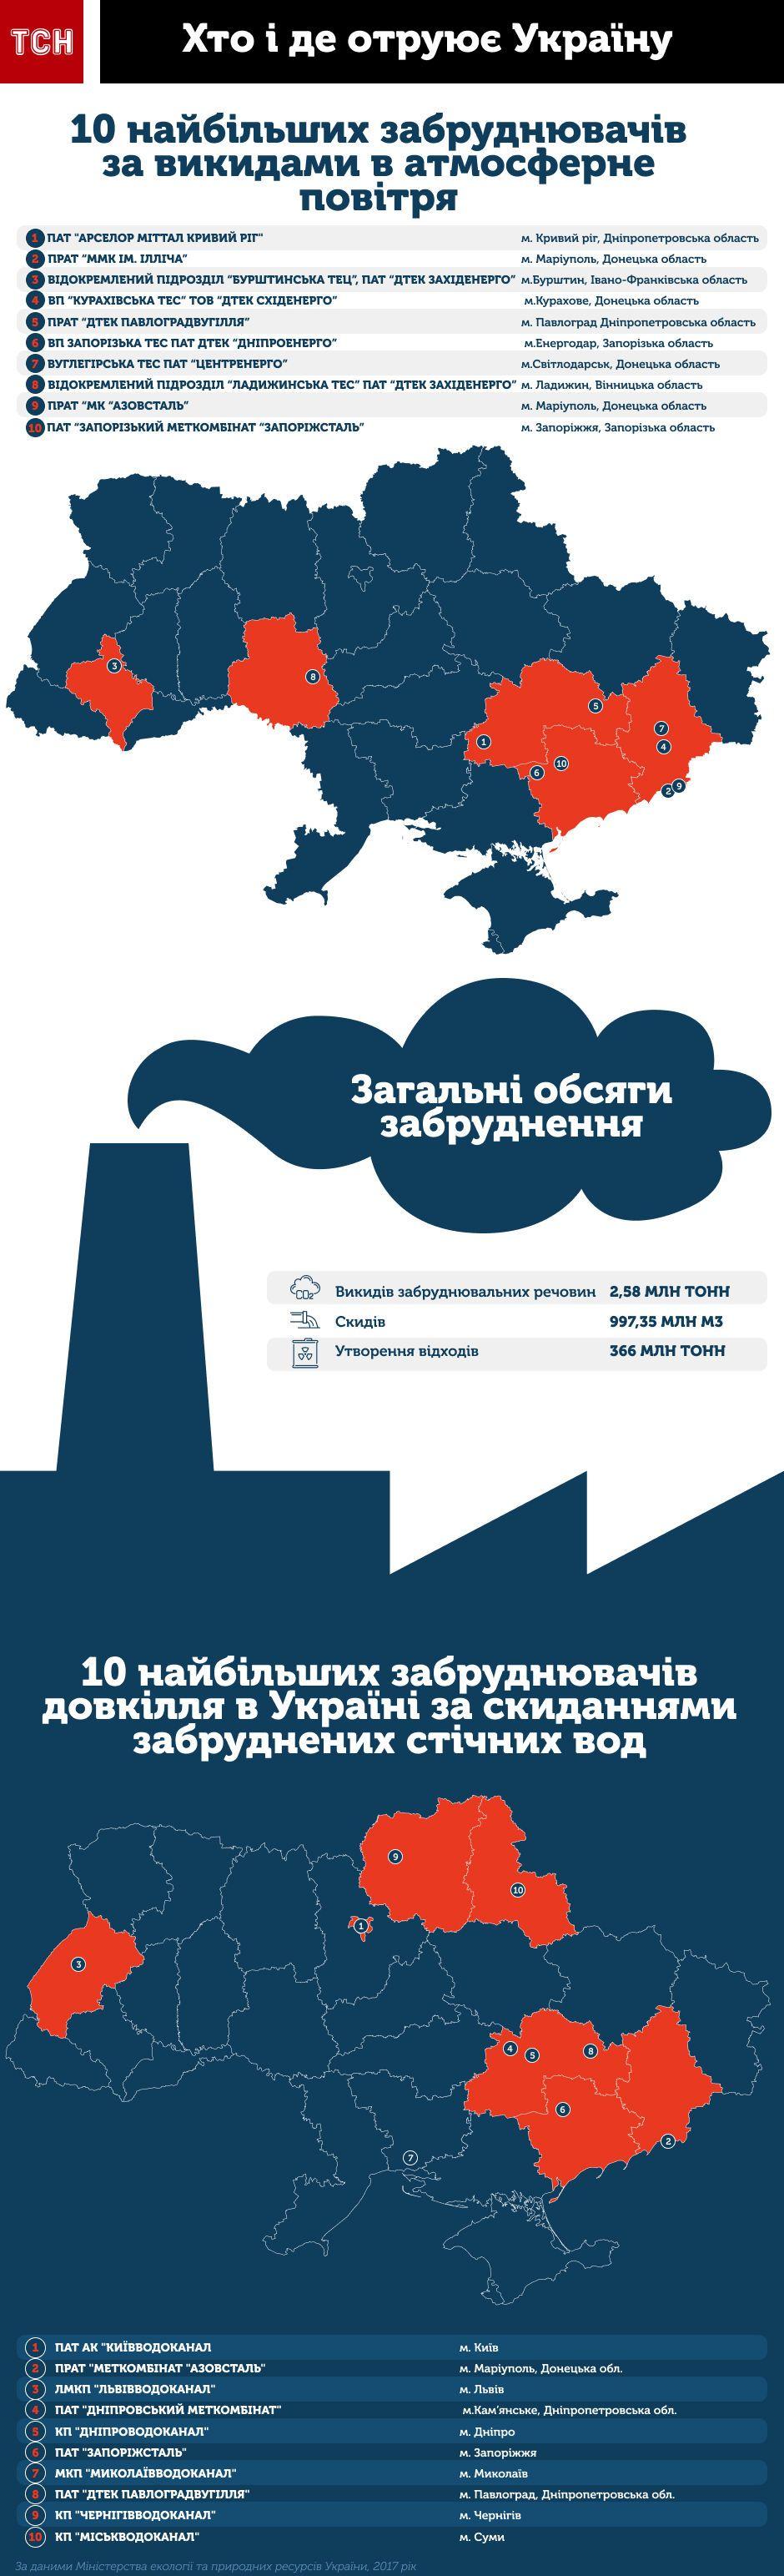 Бесплодие и рак: названы украинские города, в которых опасно жить